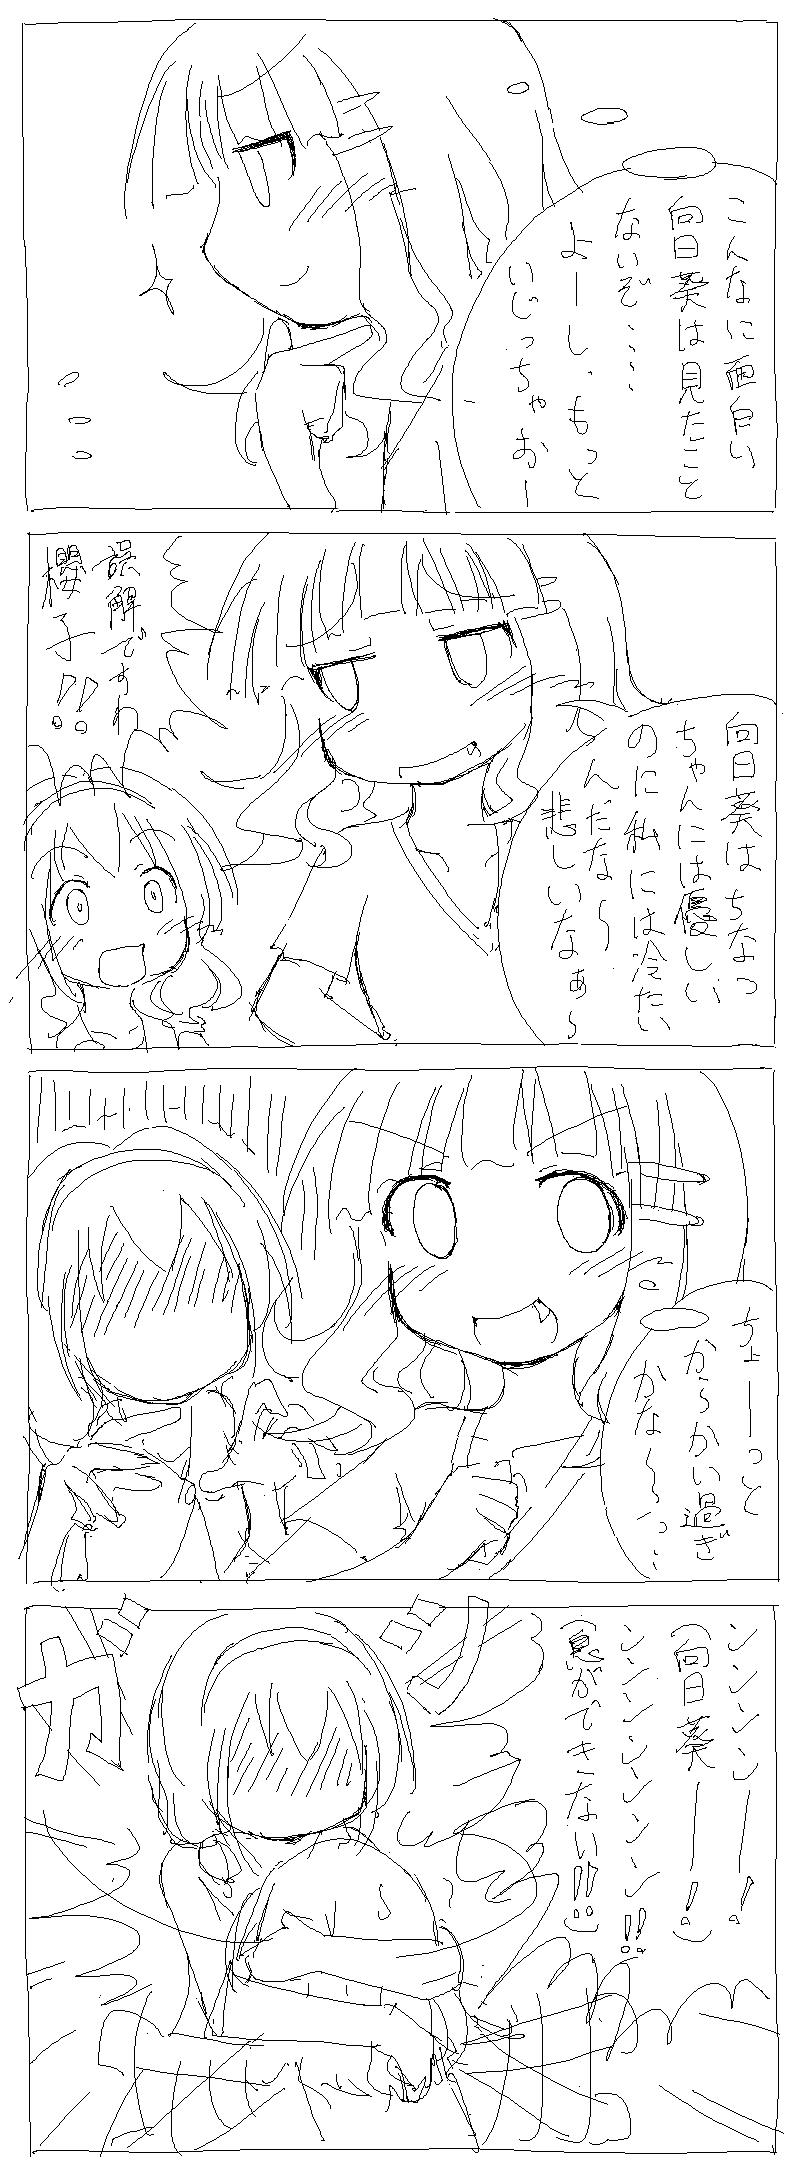 http://blueandgreen.jp/images/himasaku_18.png